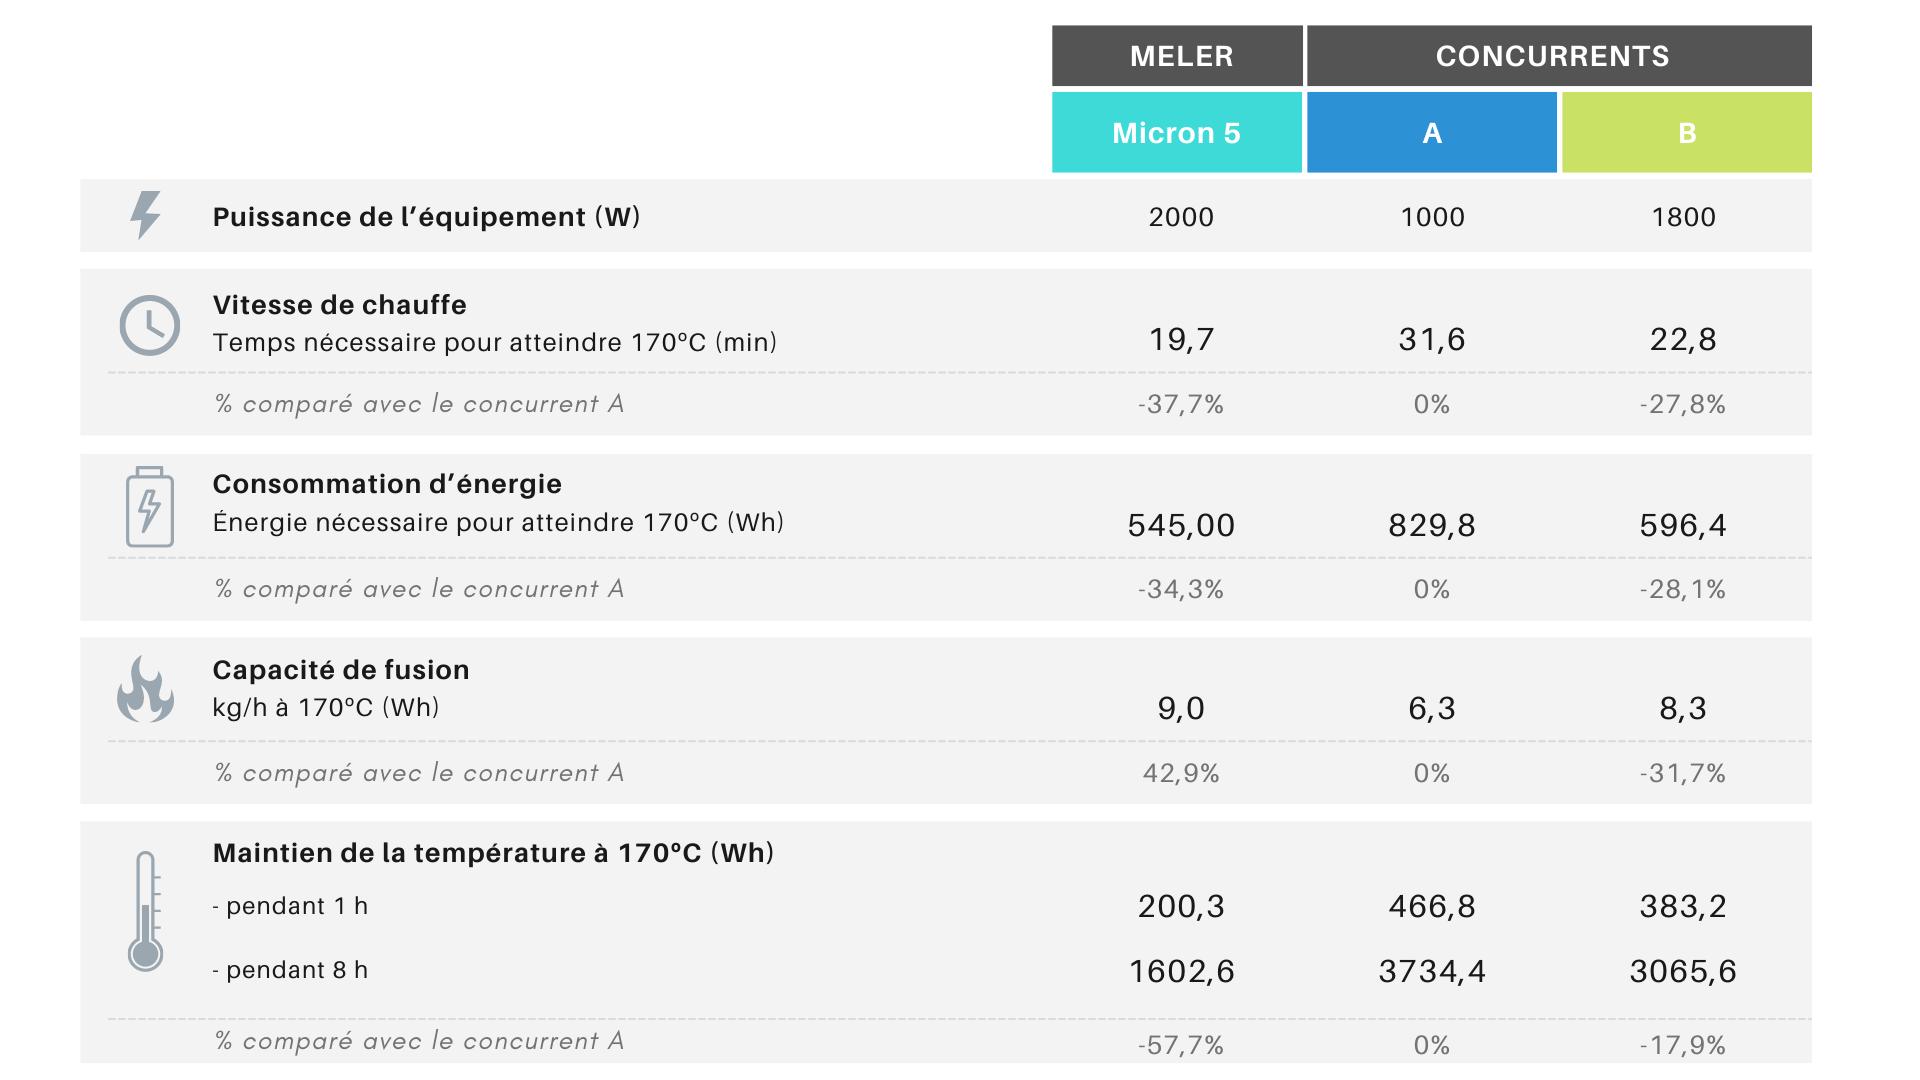 *Rapport réalisé par Meler en 2014 sur deux des unités de fusion les plus utilisées dans l'industrie.